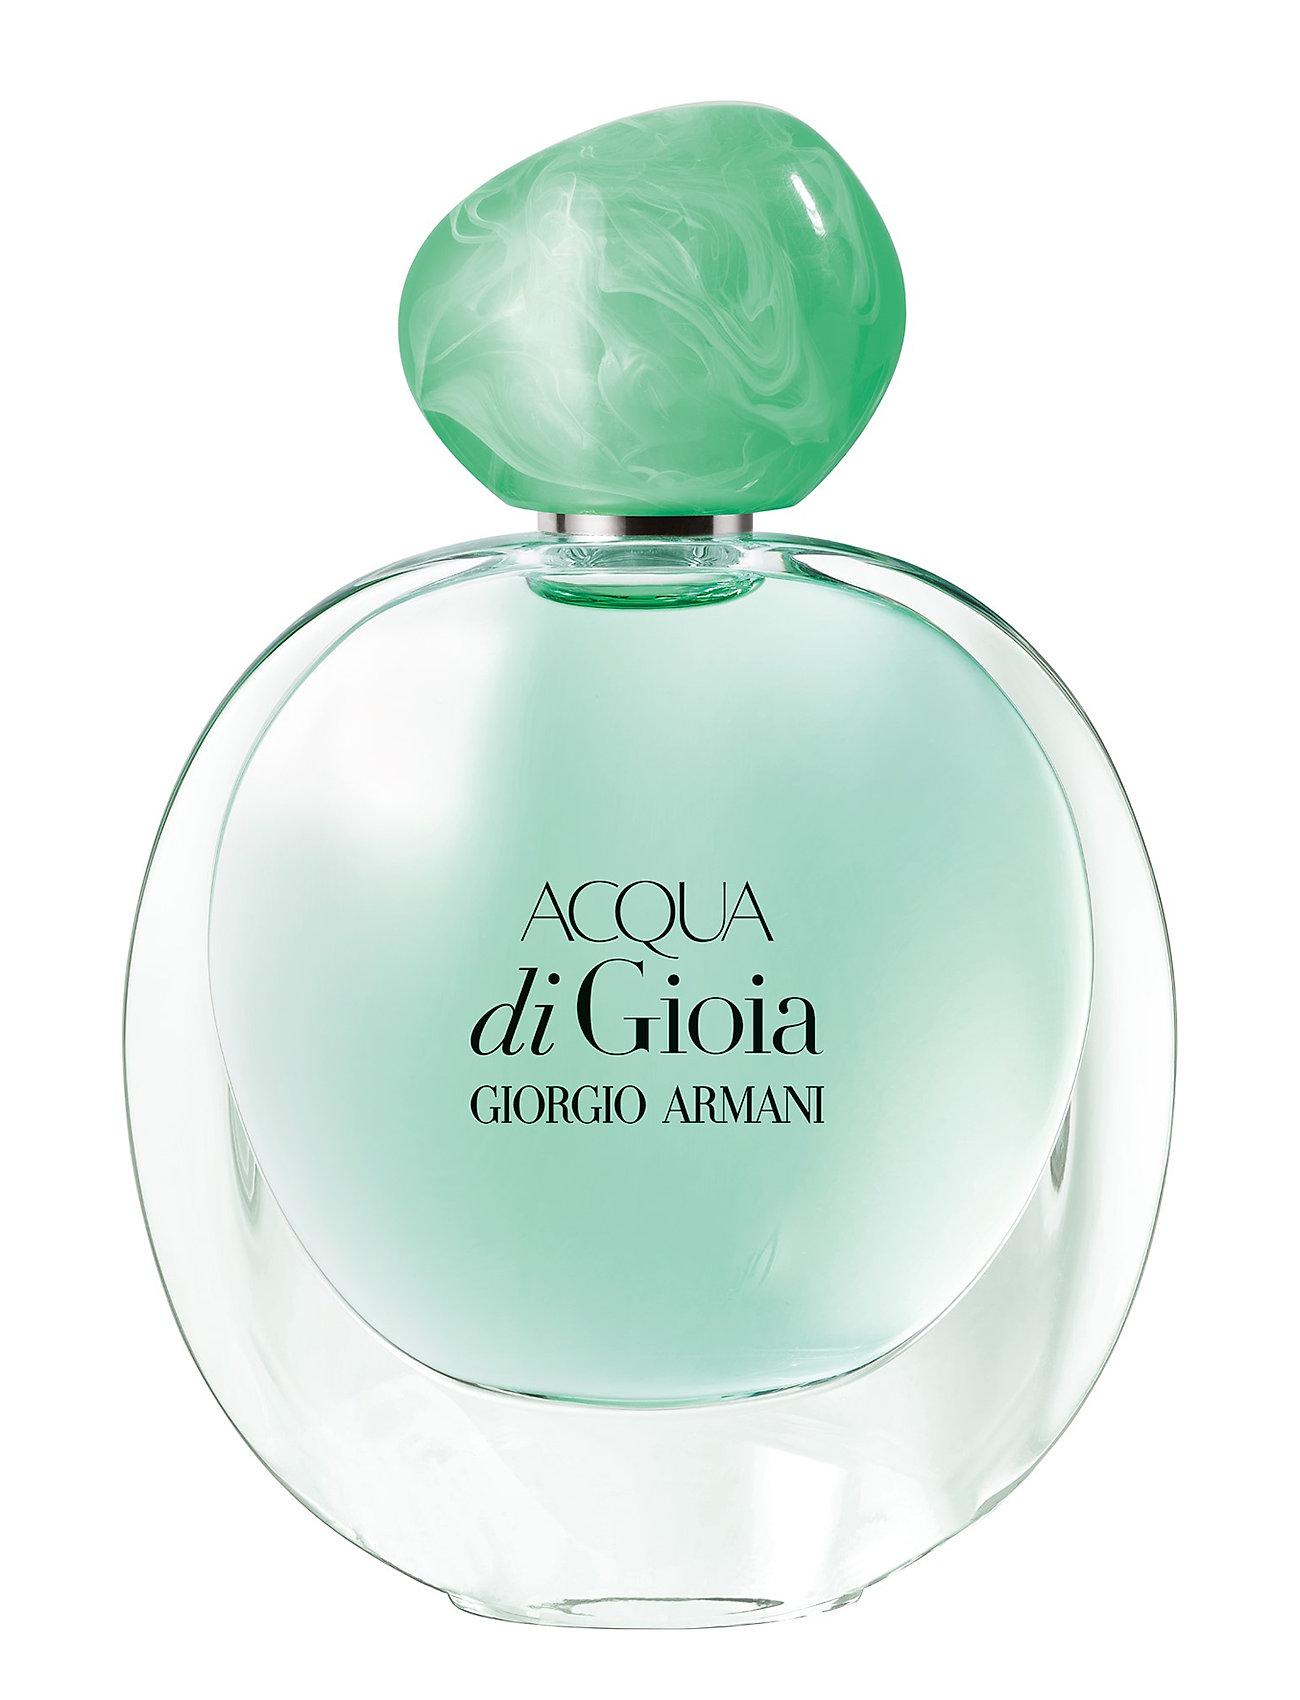 giorgio armani Acqua di gioia eau de parfum 50 ml på boozt.com dk